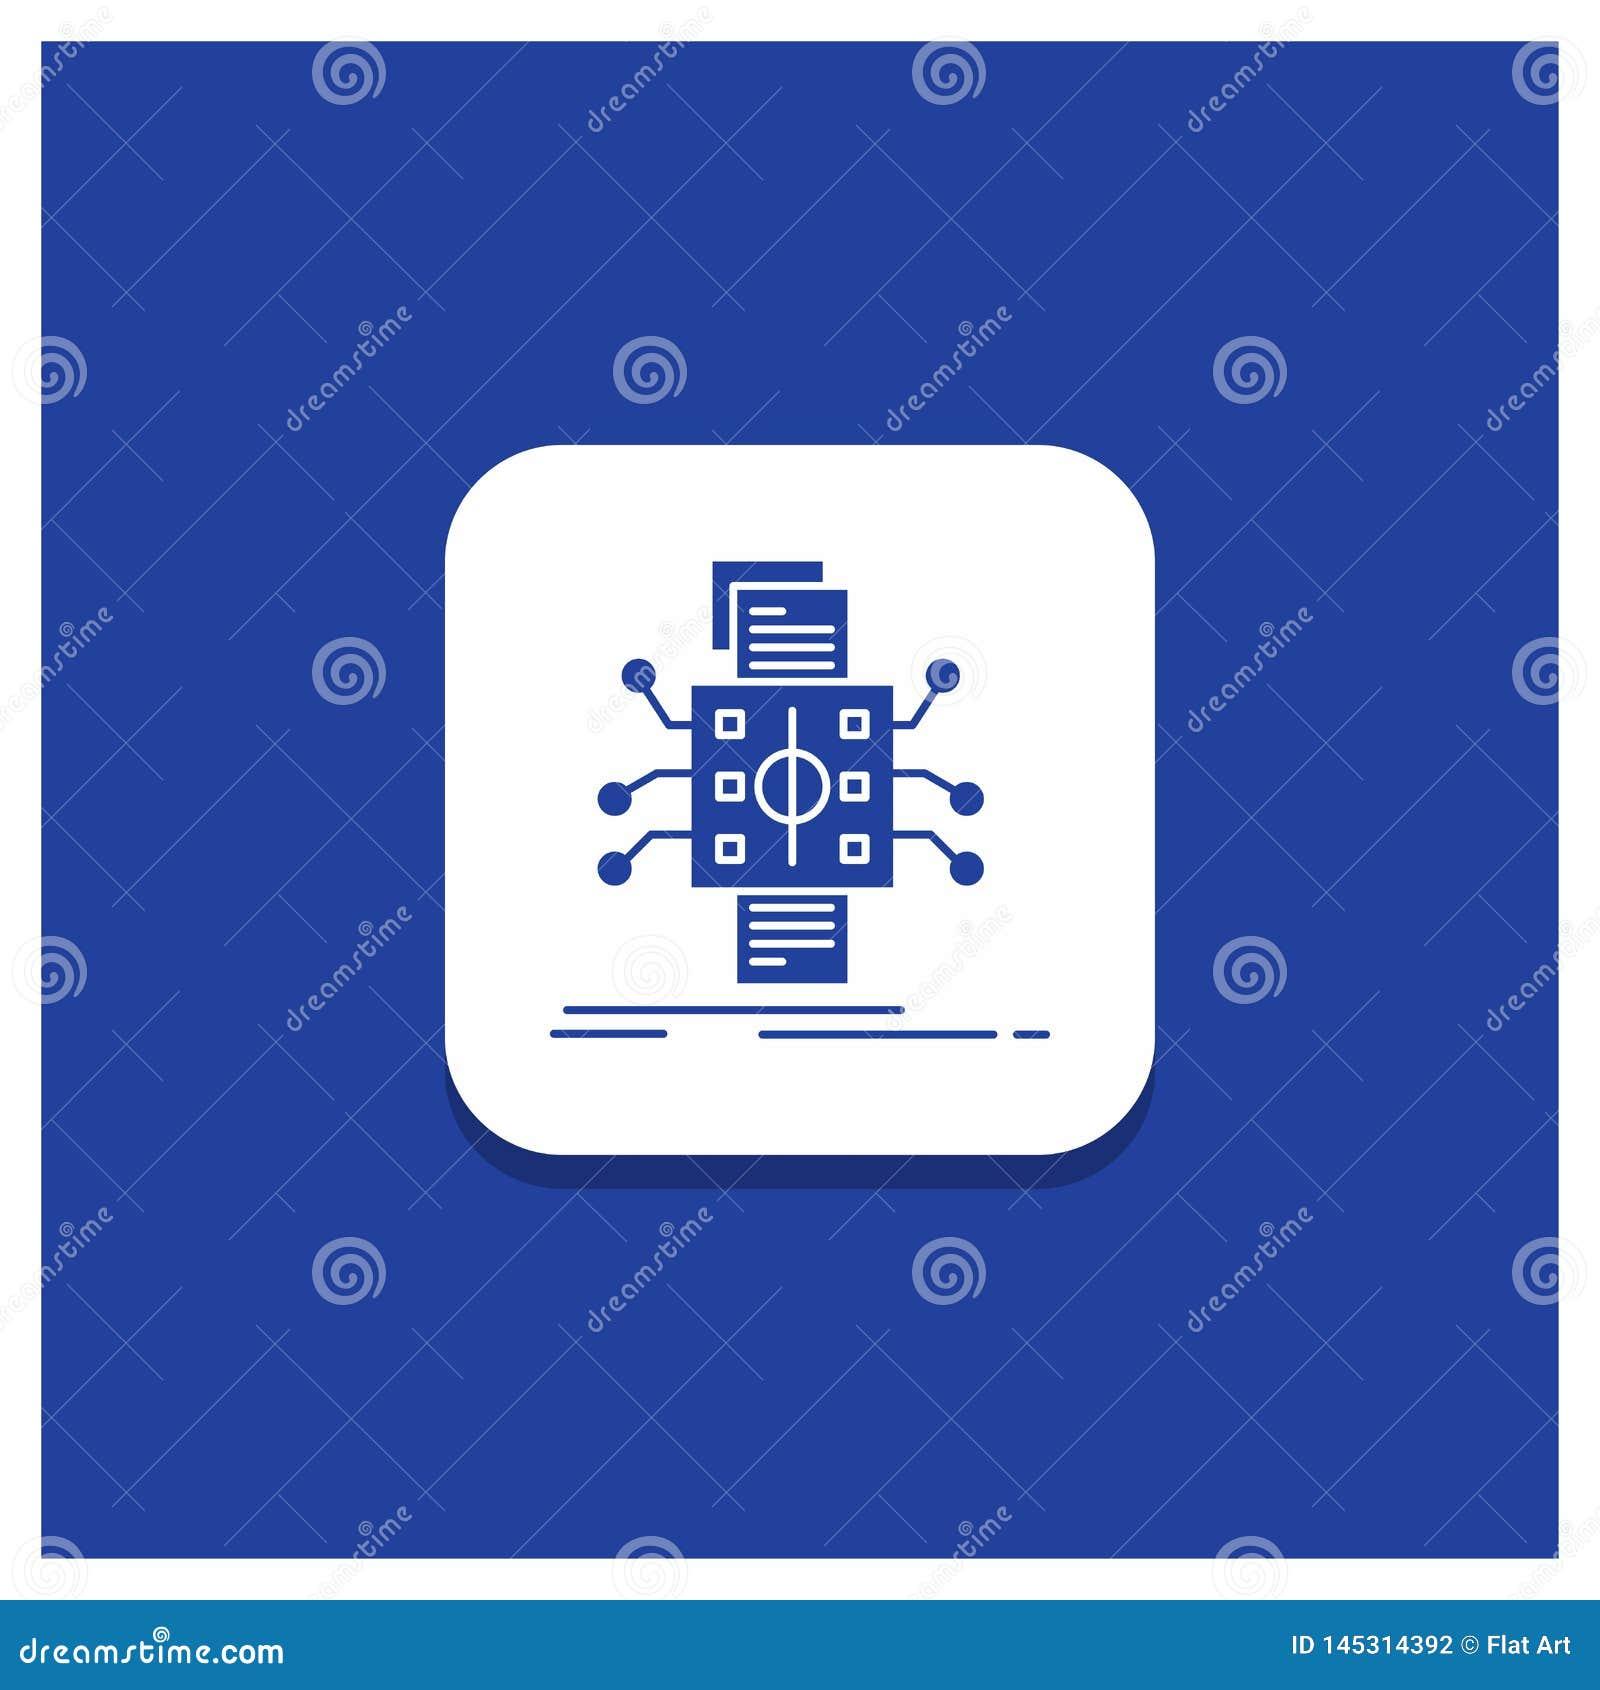 Blauwe Ronde Knoop voor Analyse, gegevens die, gegeven, verwerking, Glyph-pictogram melden